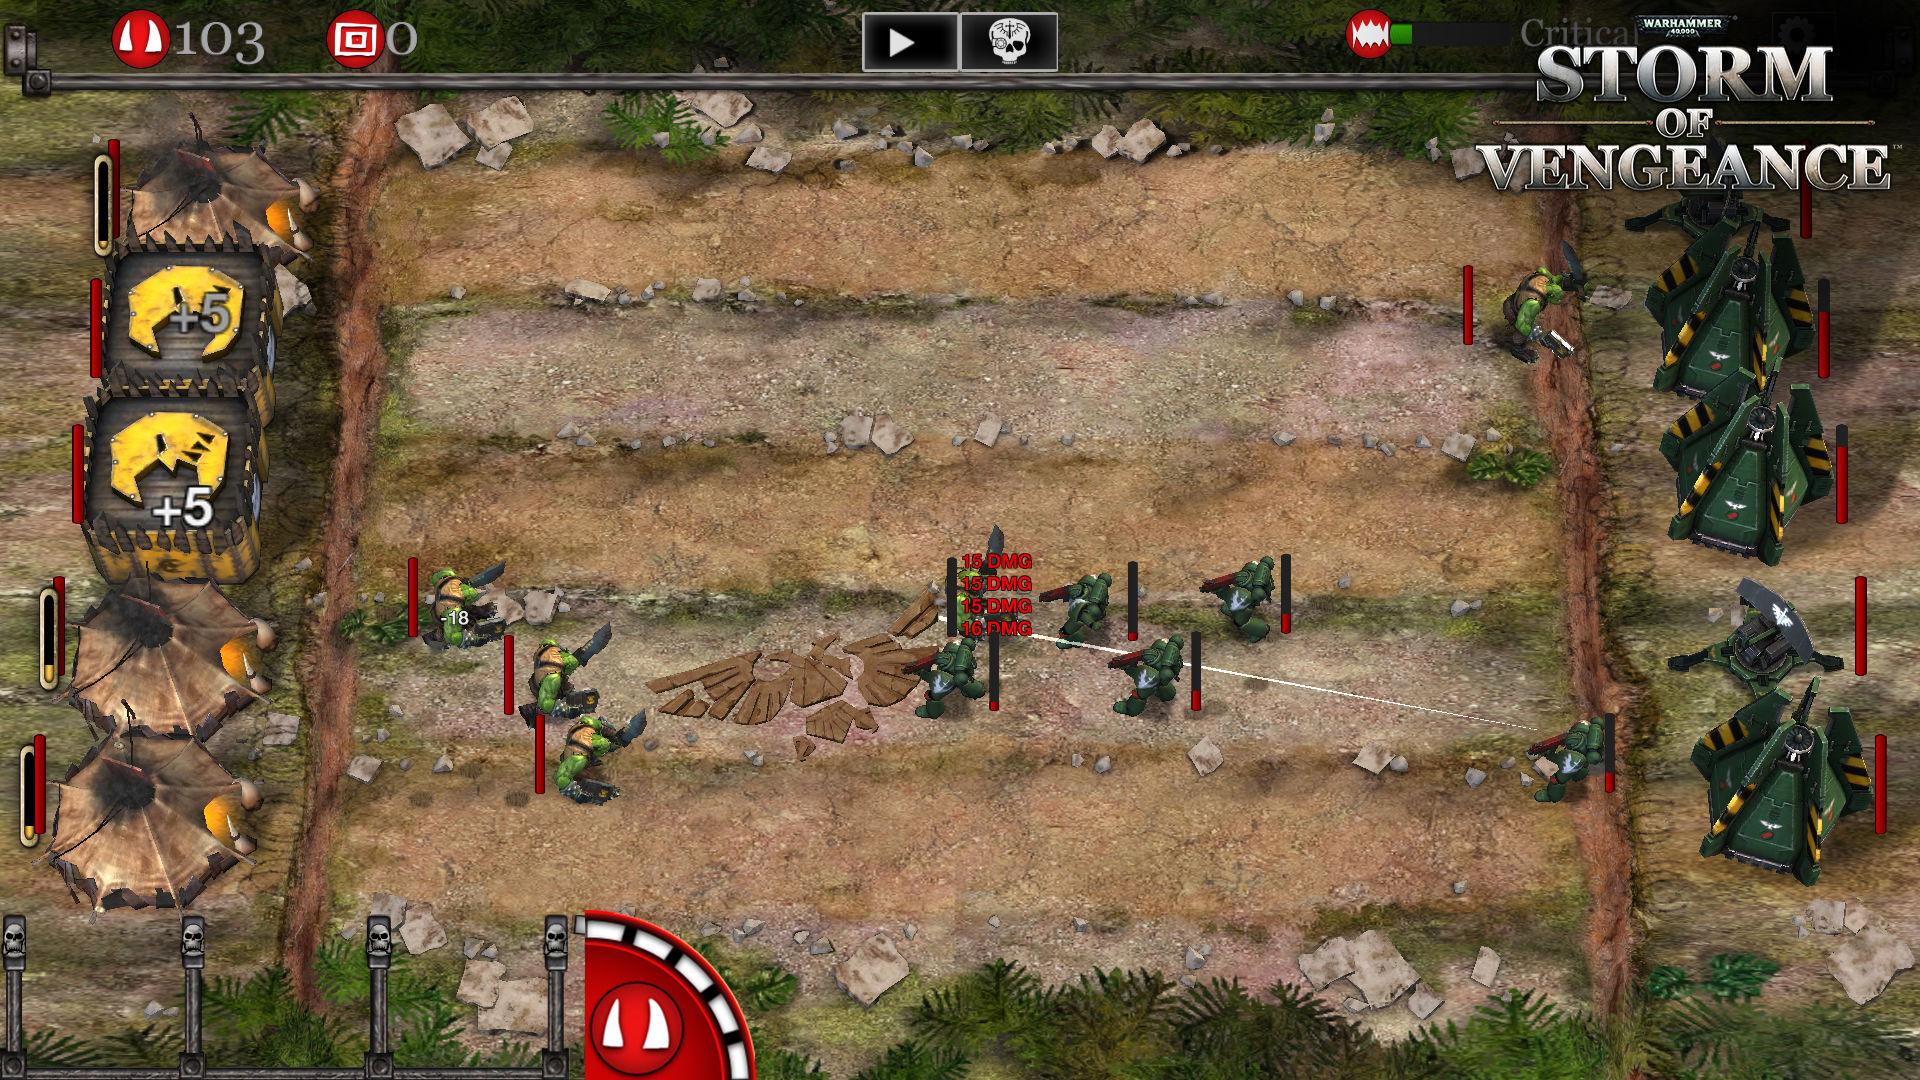 https://images.gamewatcherstatic.com/image/file/6/85/13866/0037274.jpg